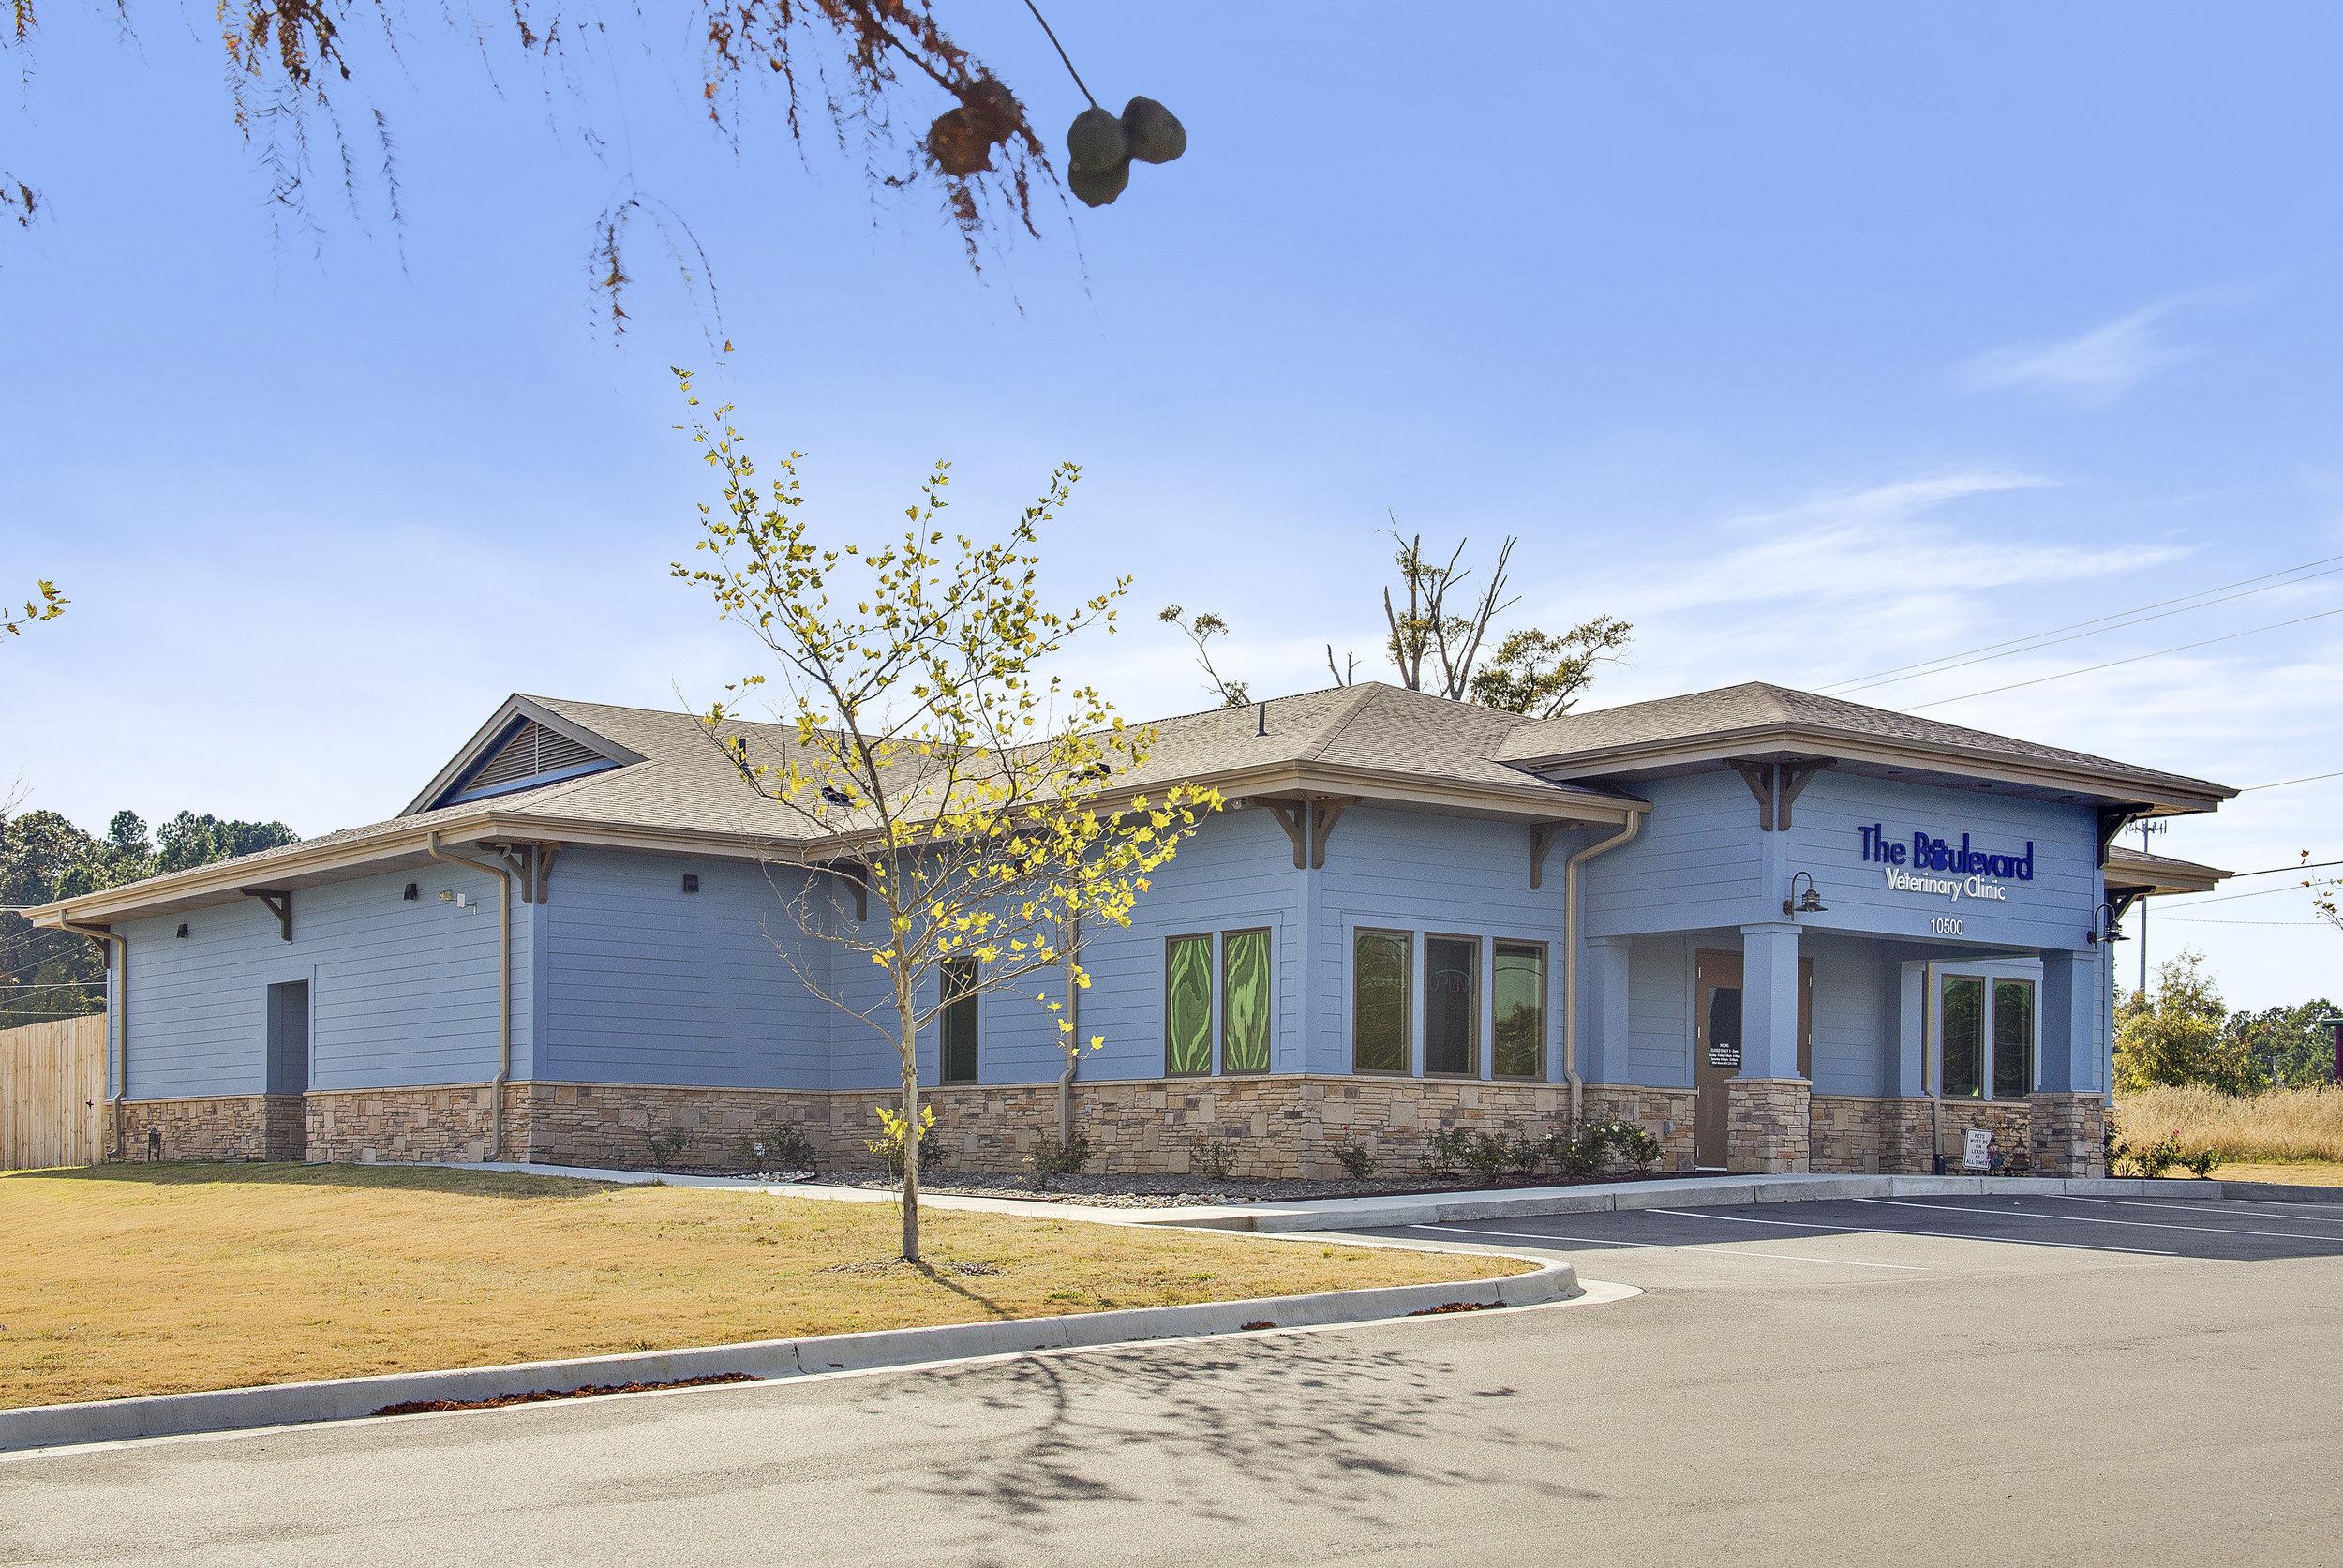 Blvd Vet Clinic NLR.jpg